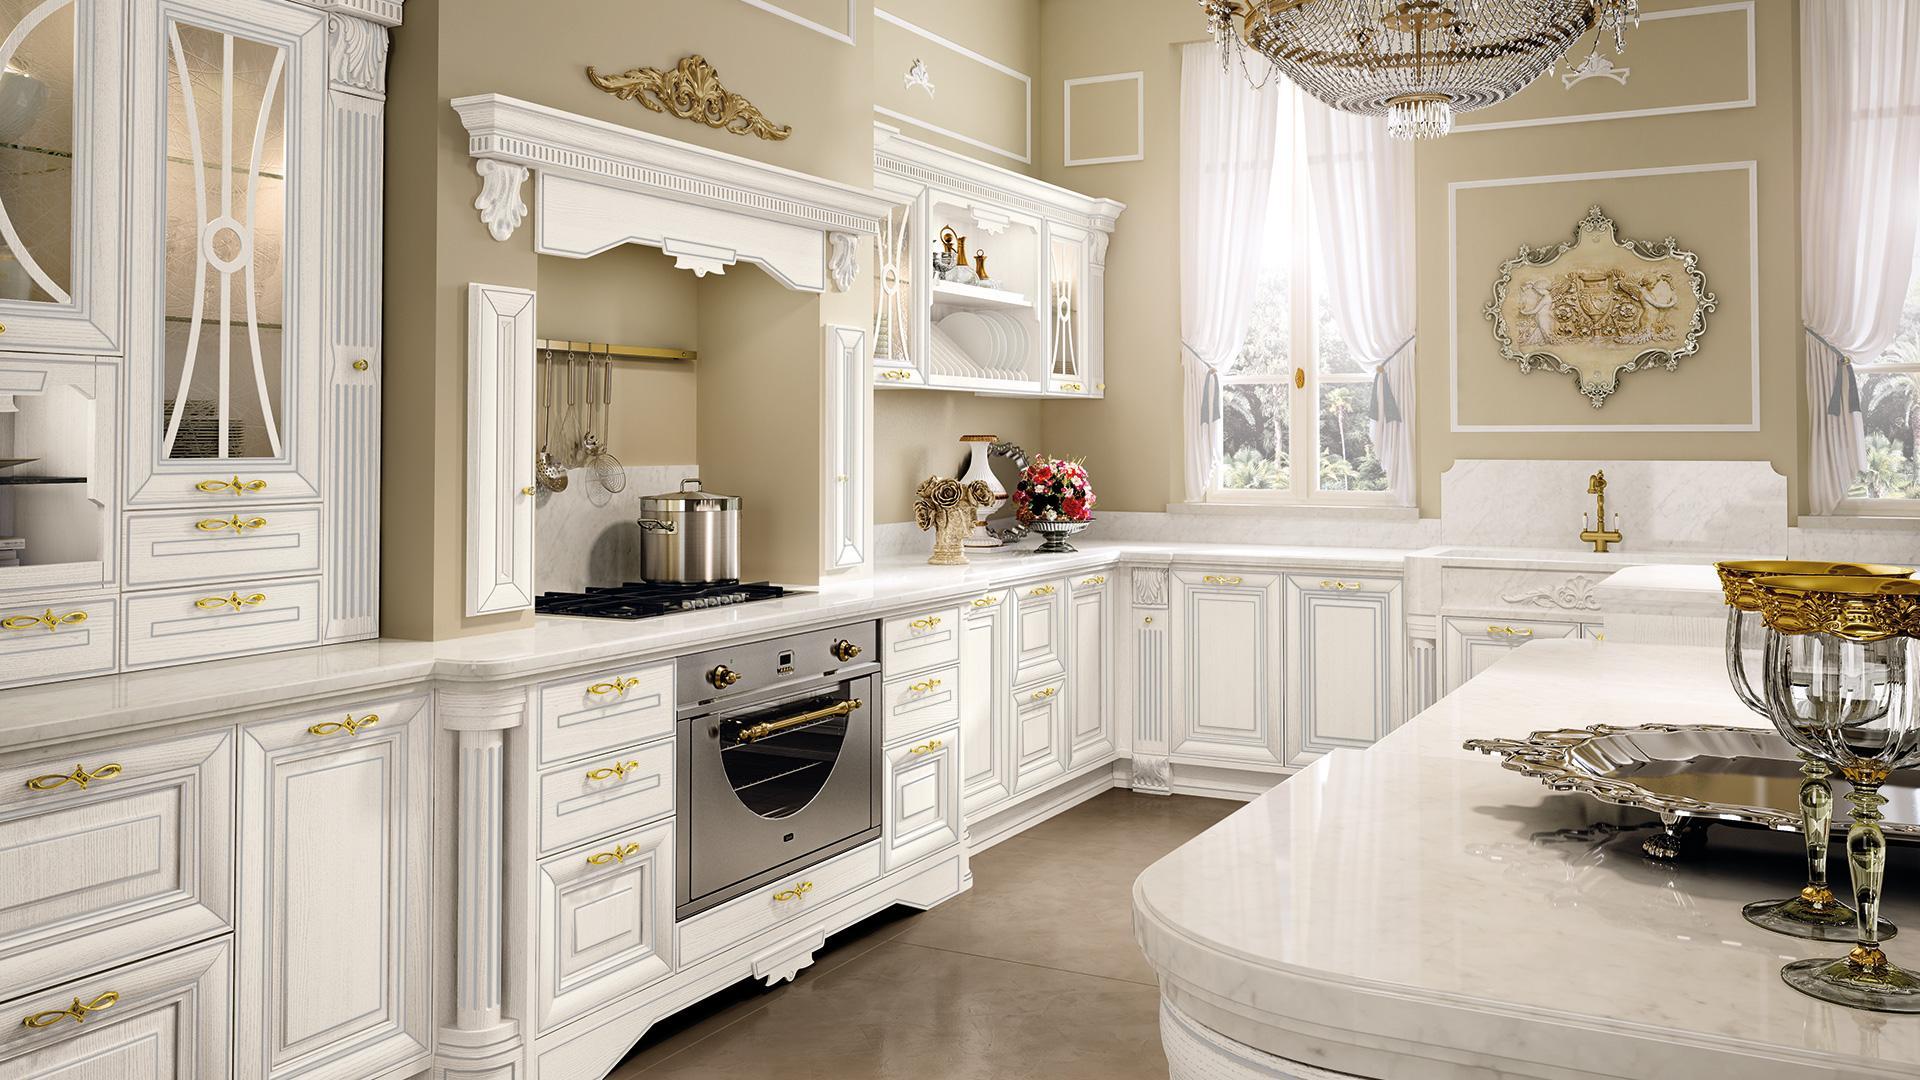 Cucine & Design - Cucine Lube